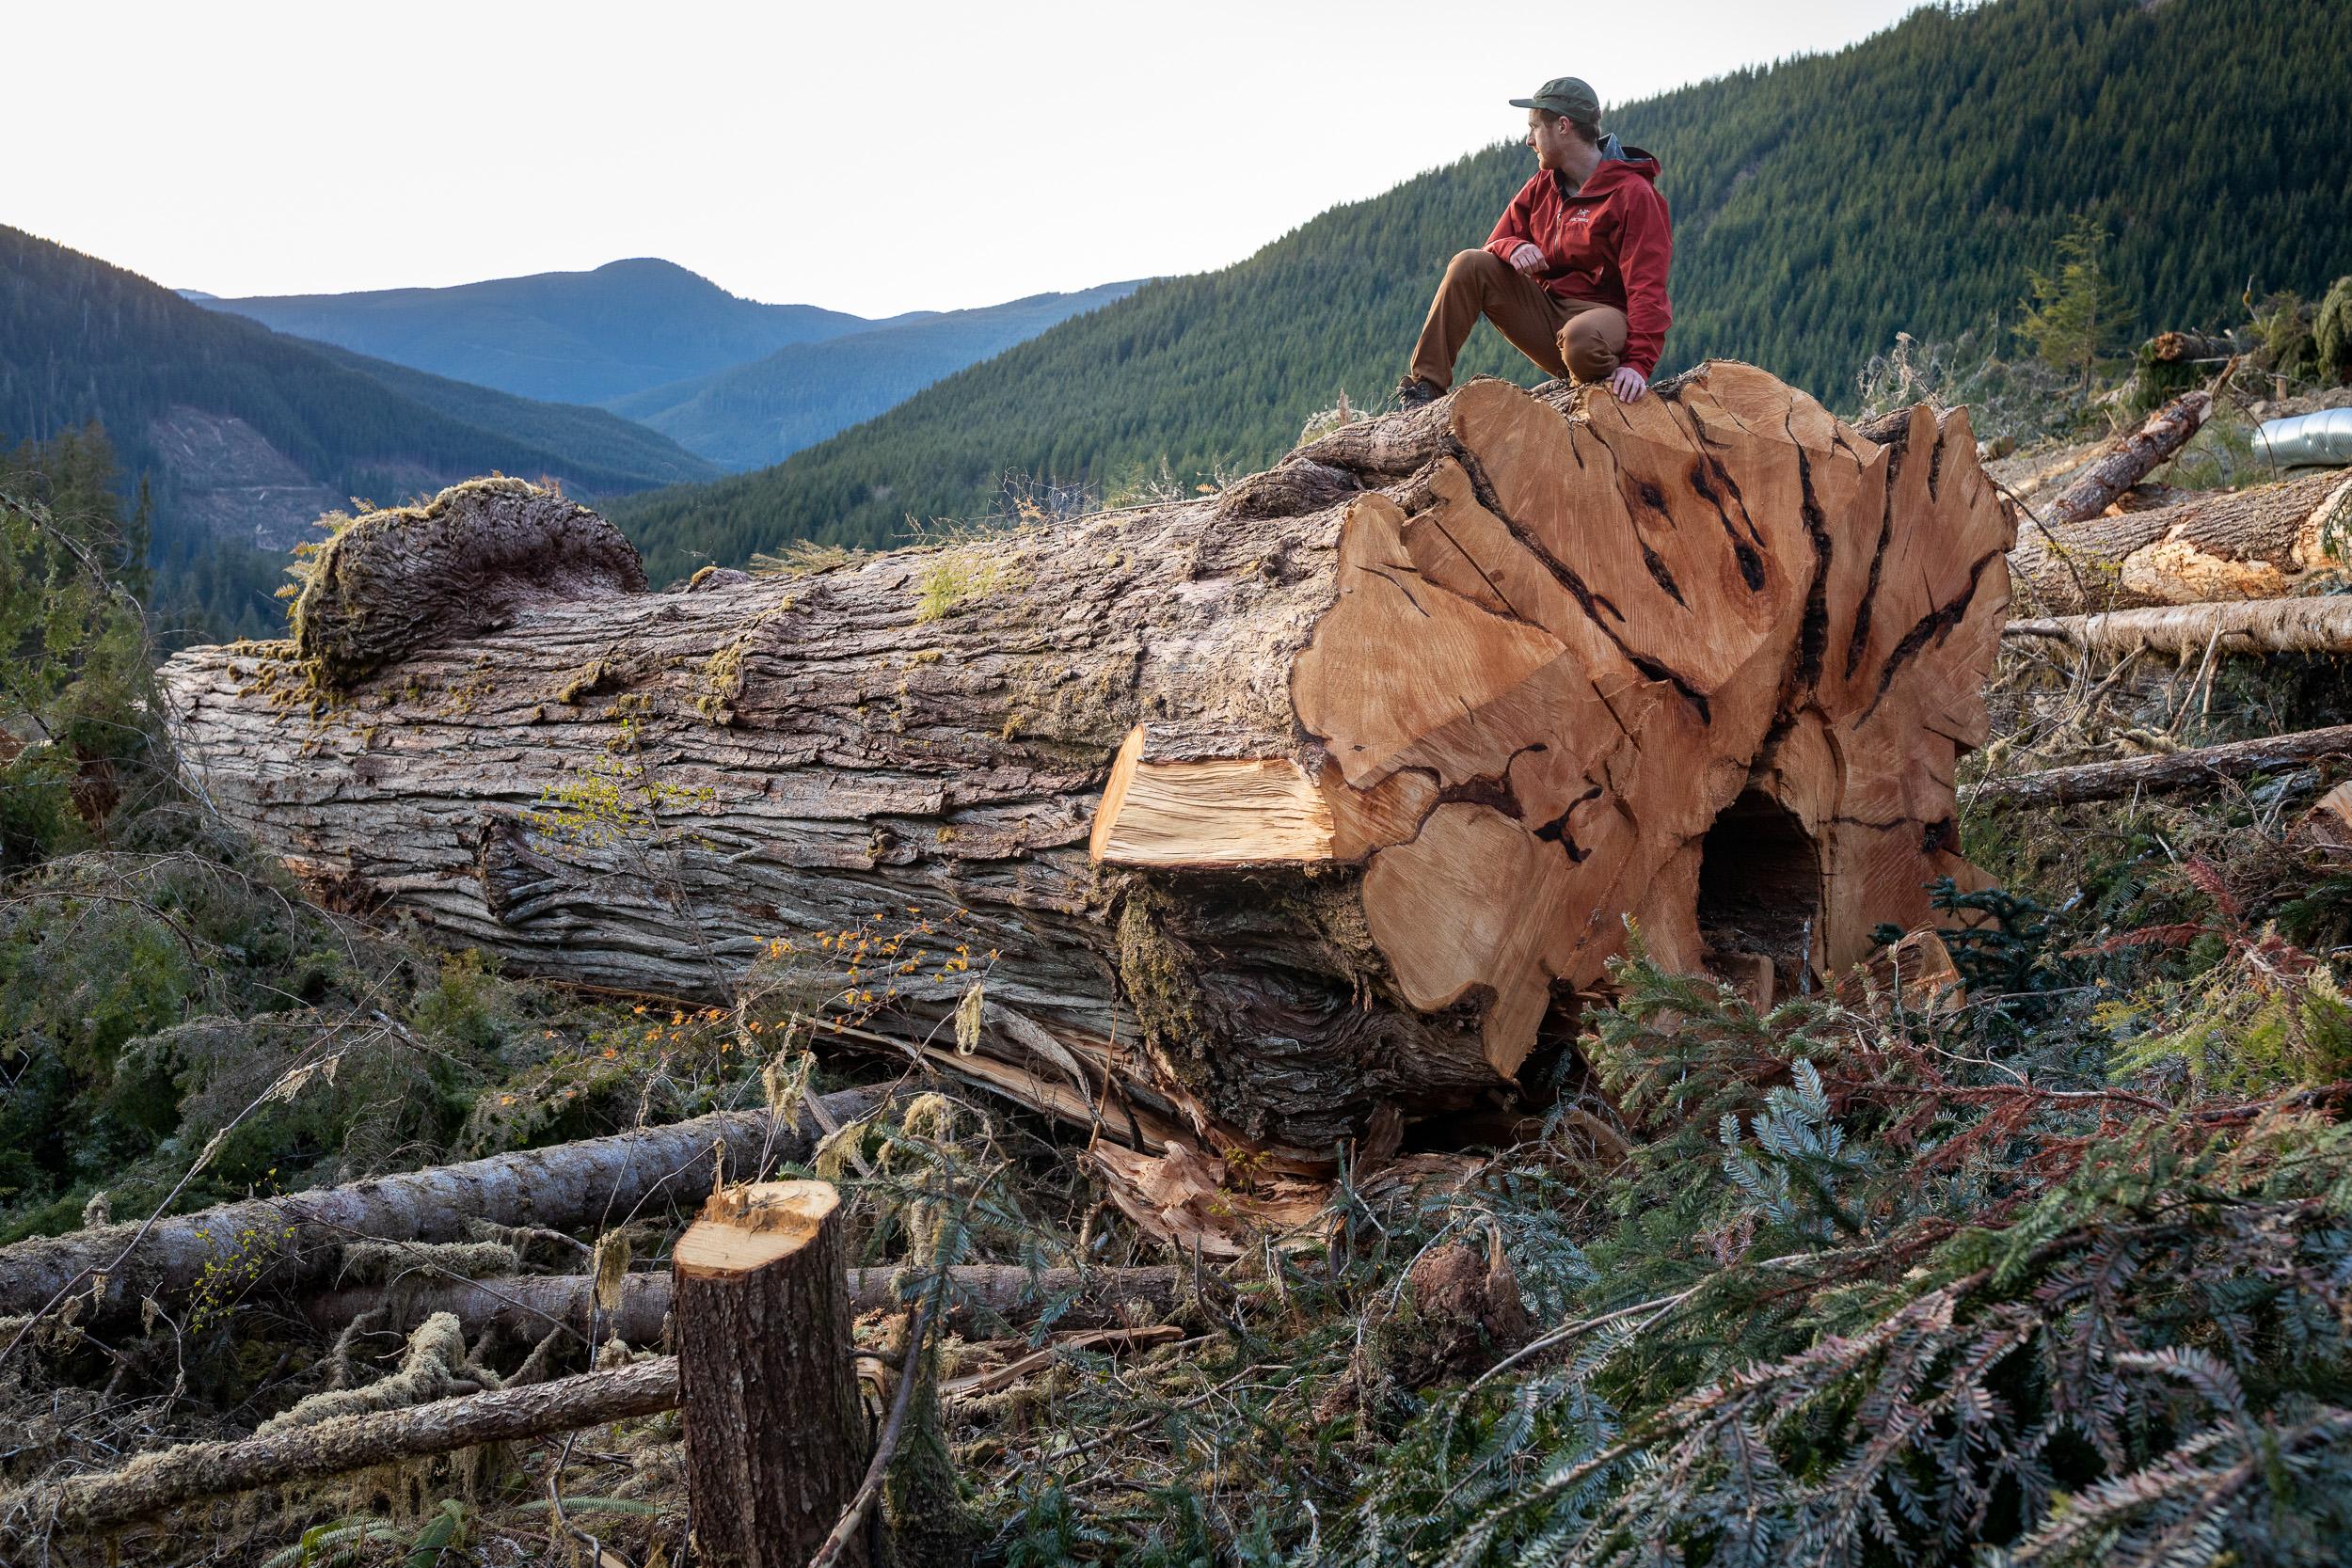 Caycuse-Watershed-800-Year-Old-Cedar-Log